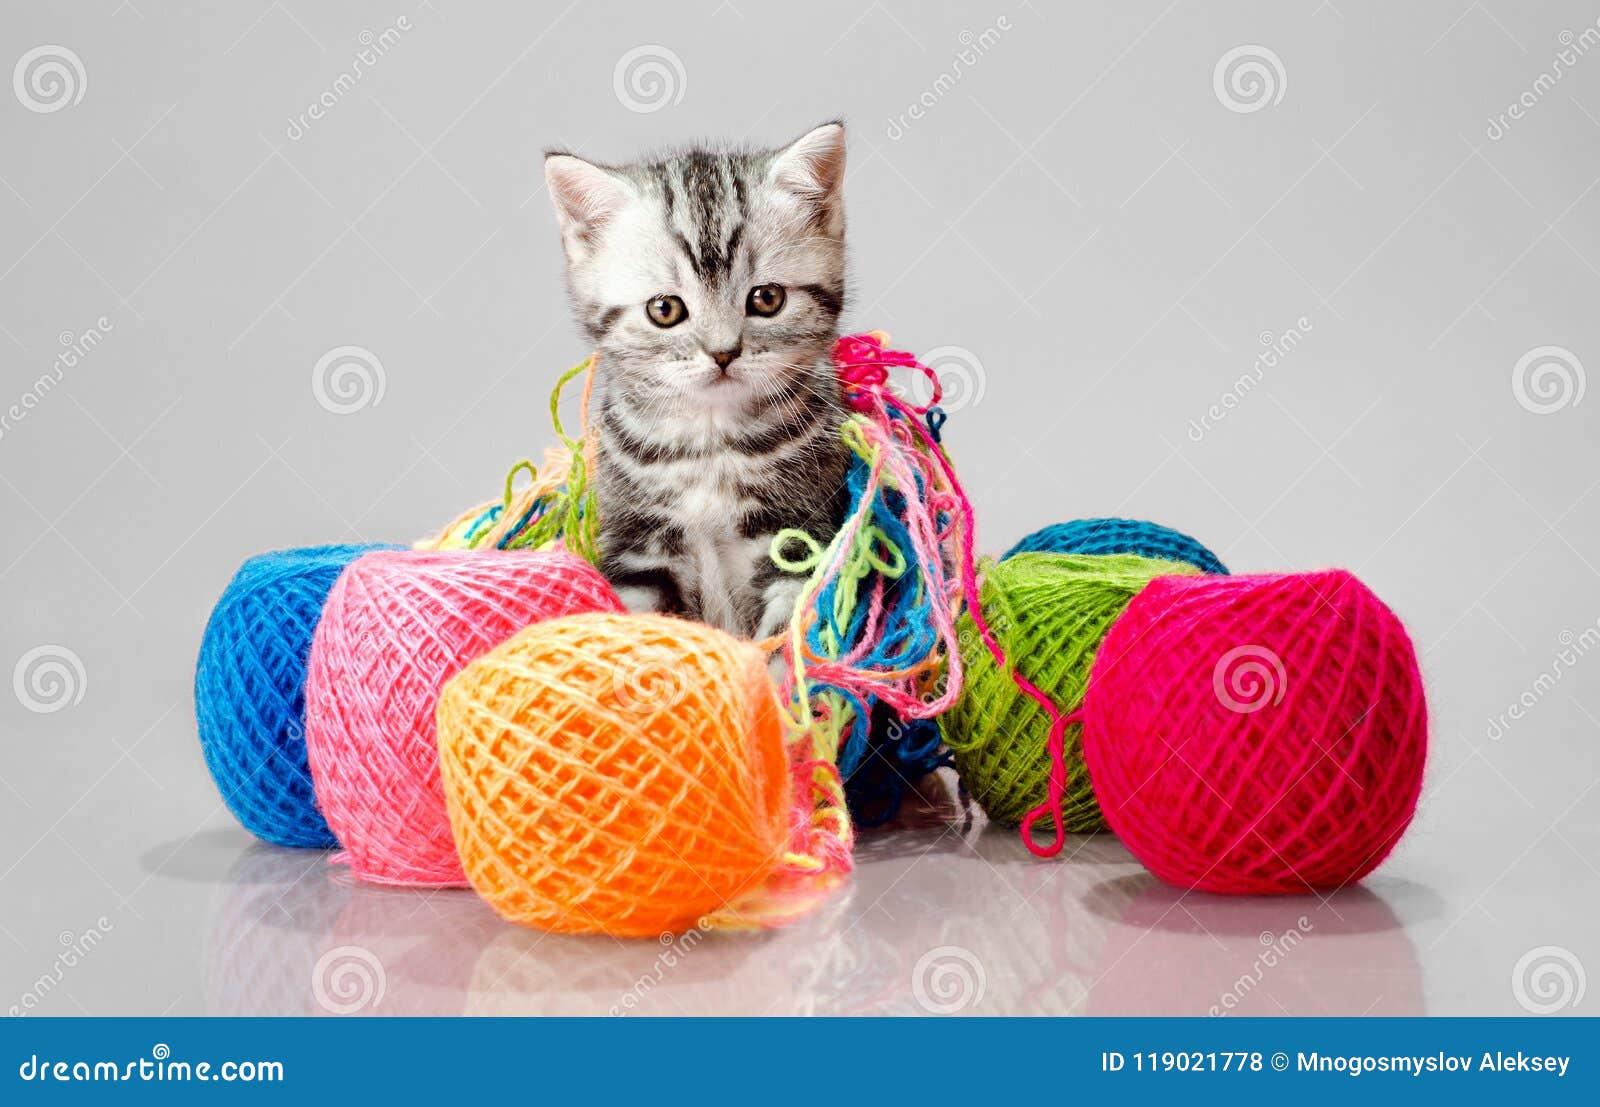 Λίγο γατάκι με πολλούς πολύχρωμο κουβάρι